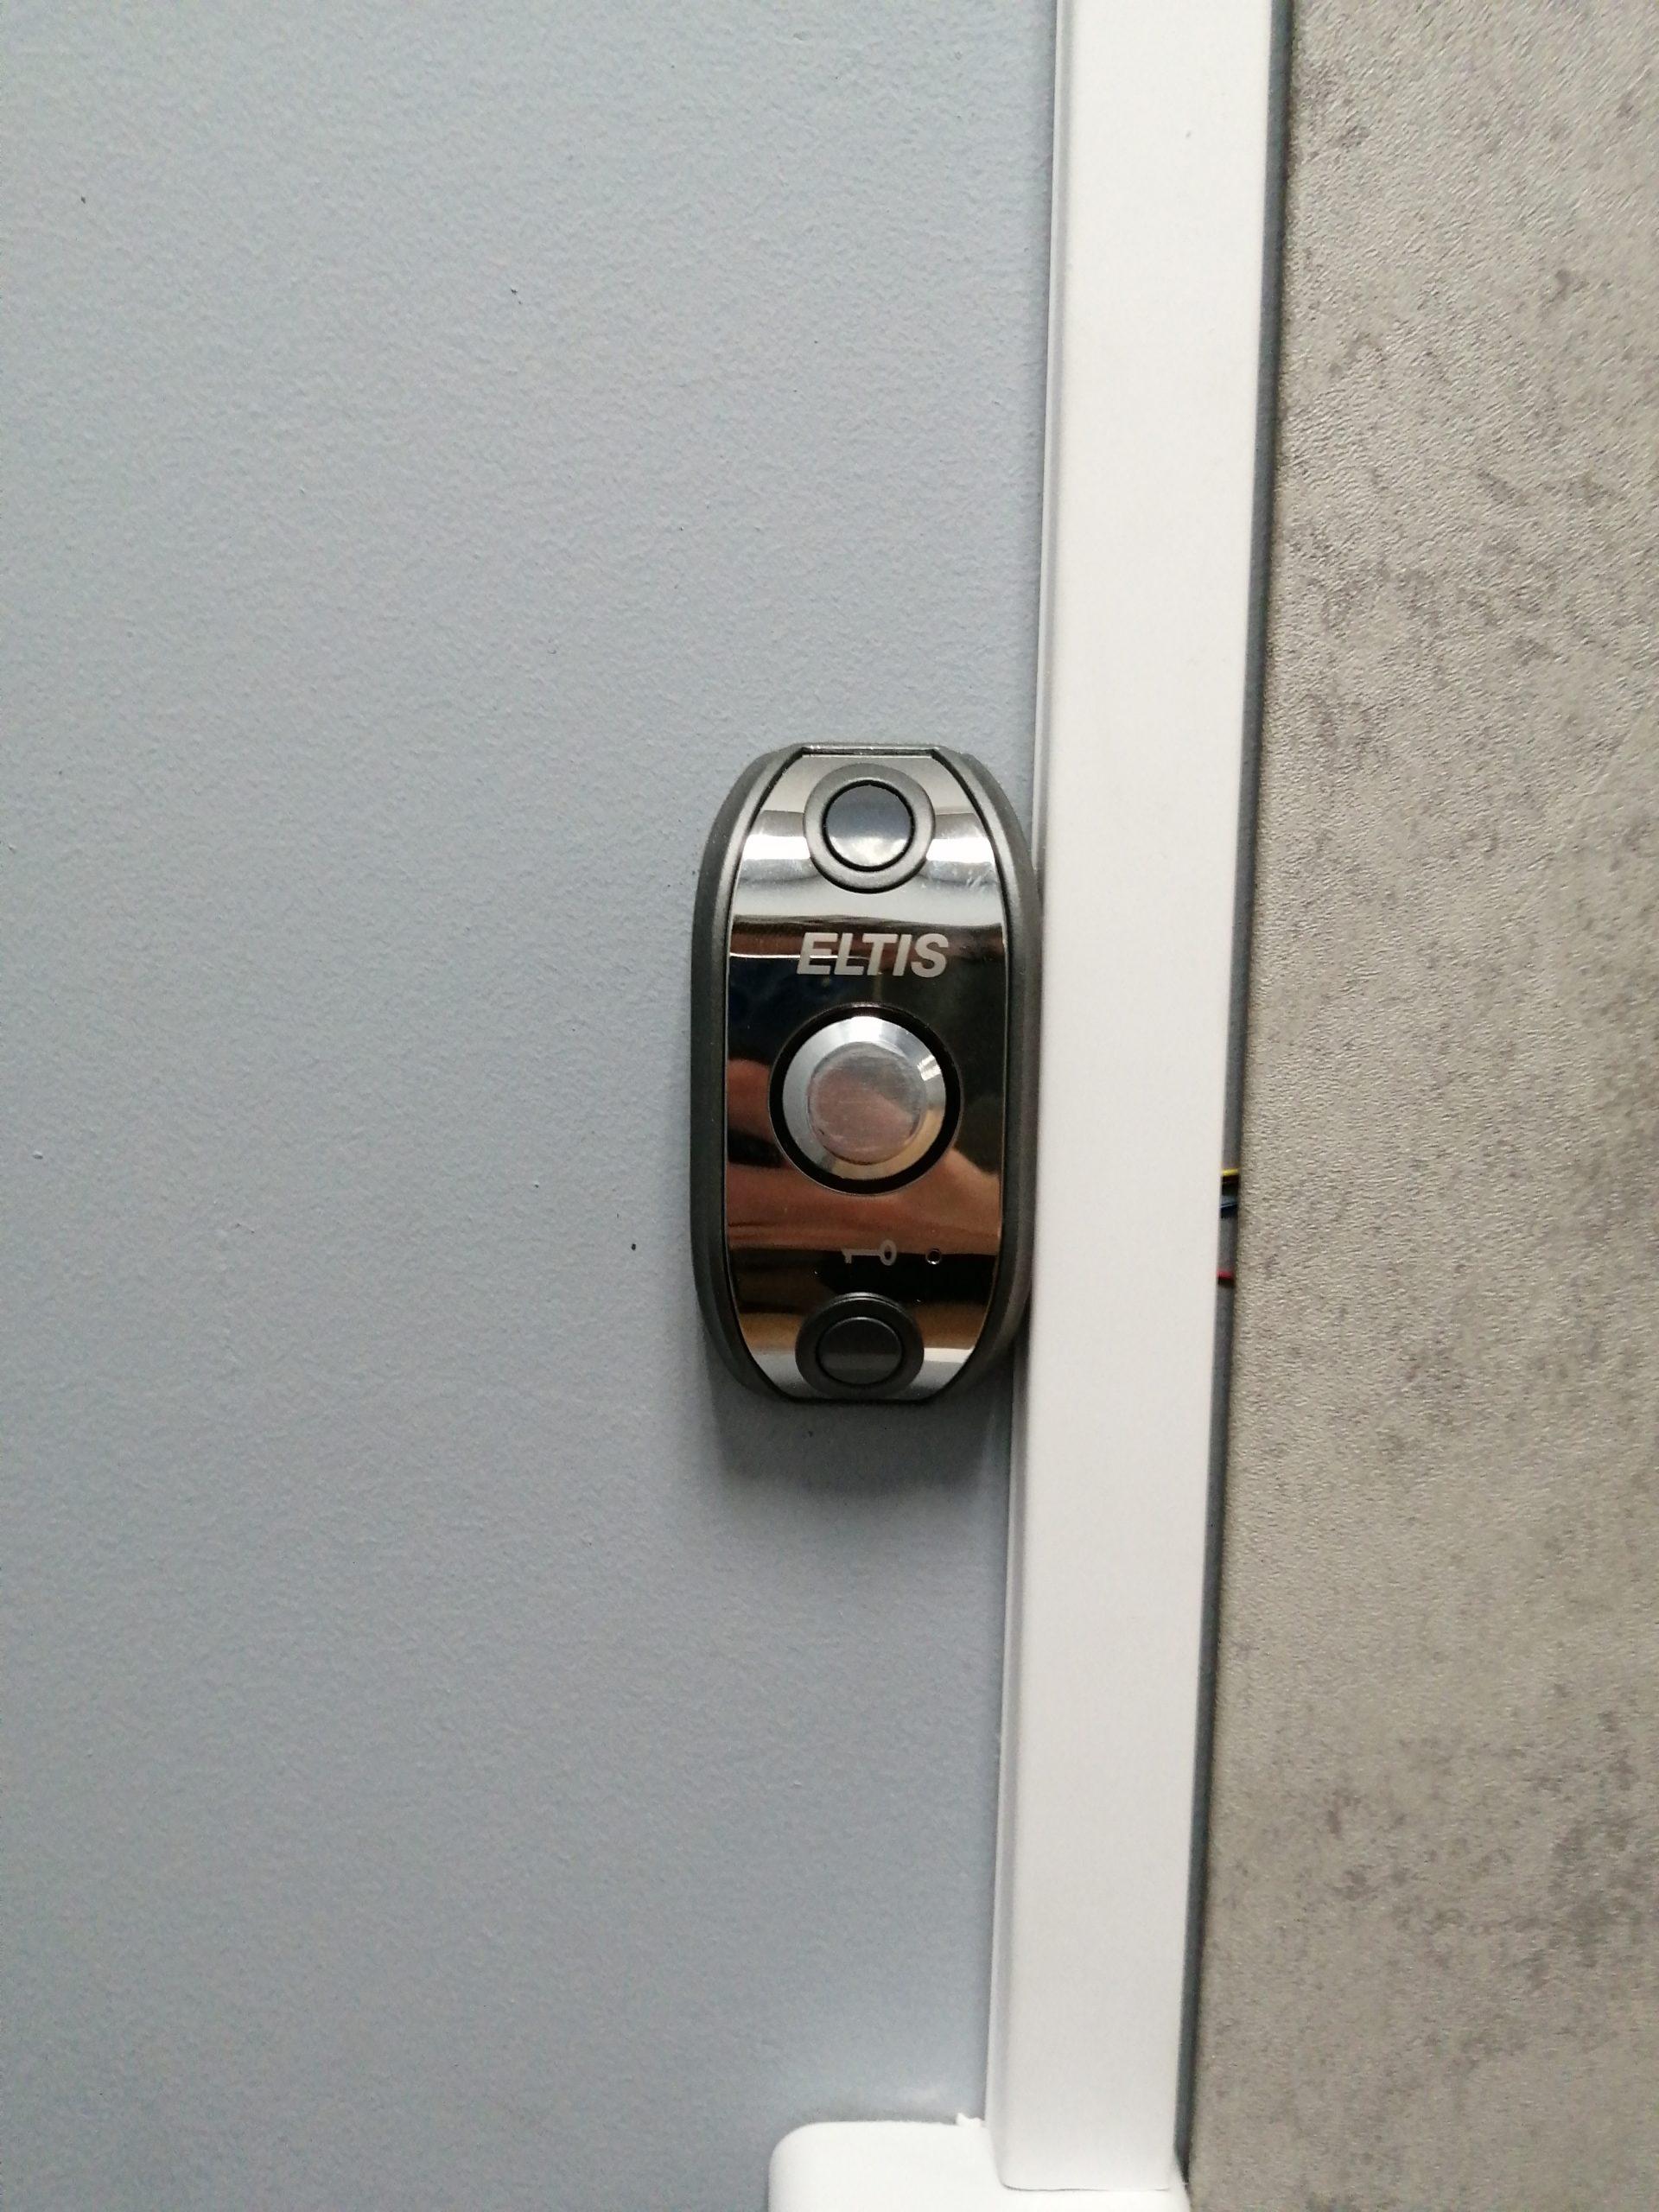 электромагнитный замок с кнопкой